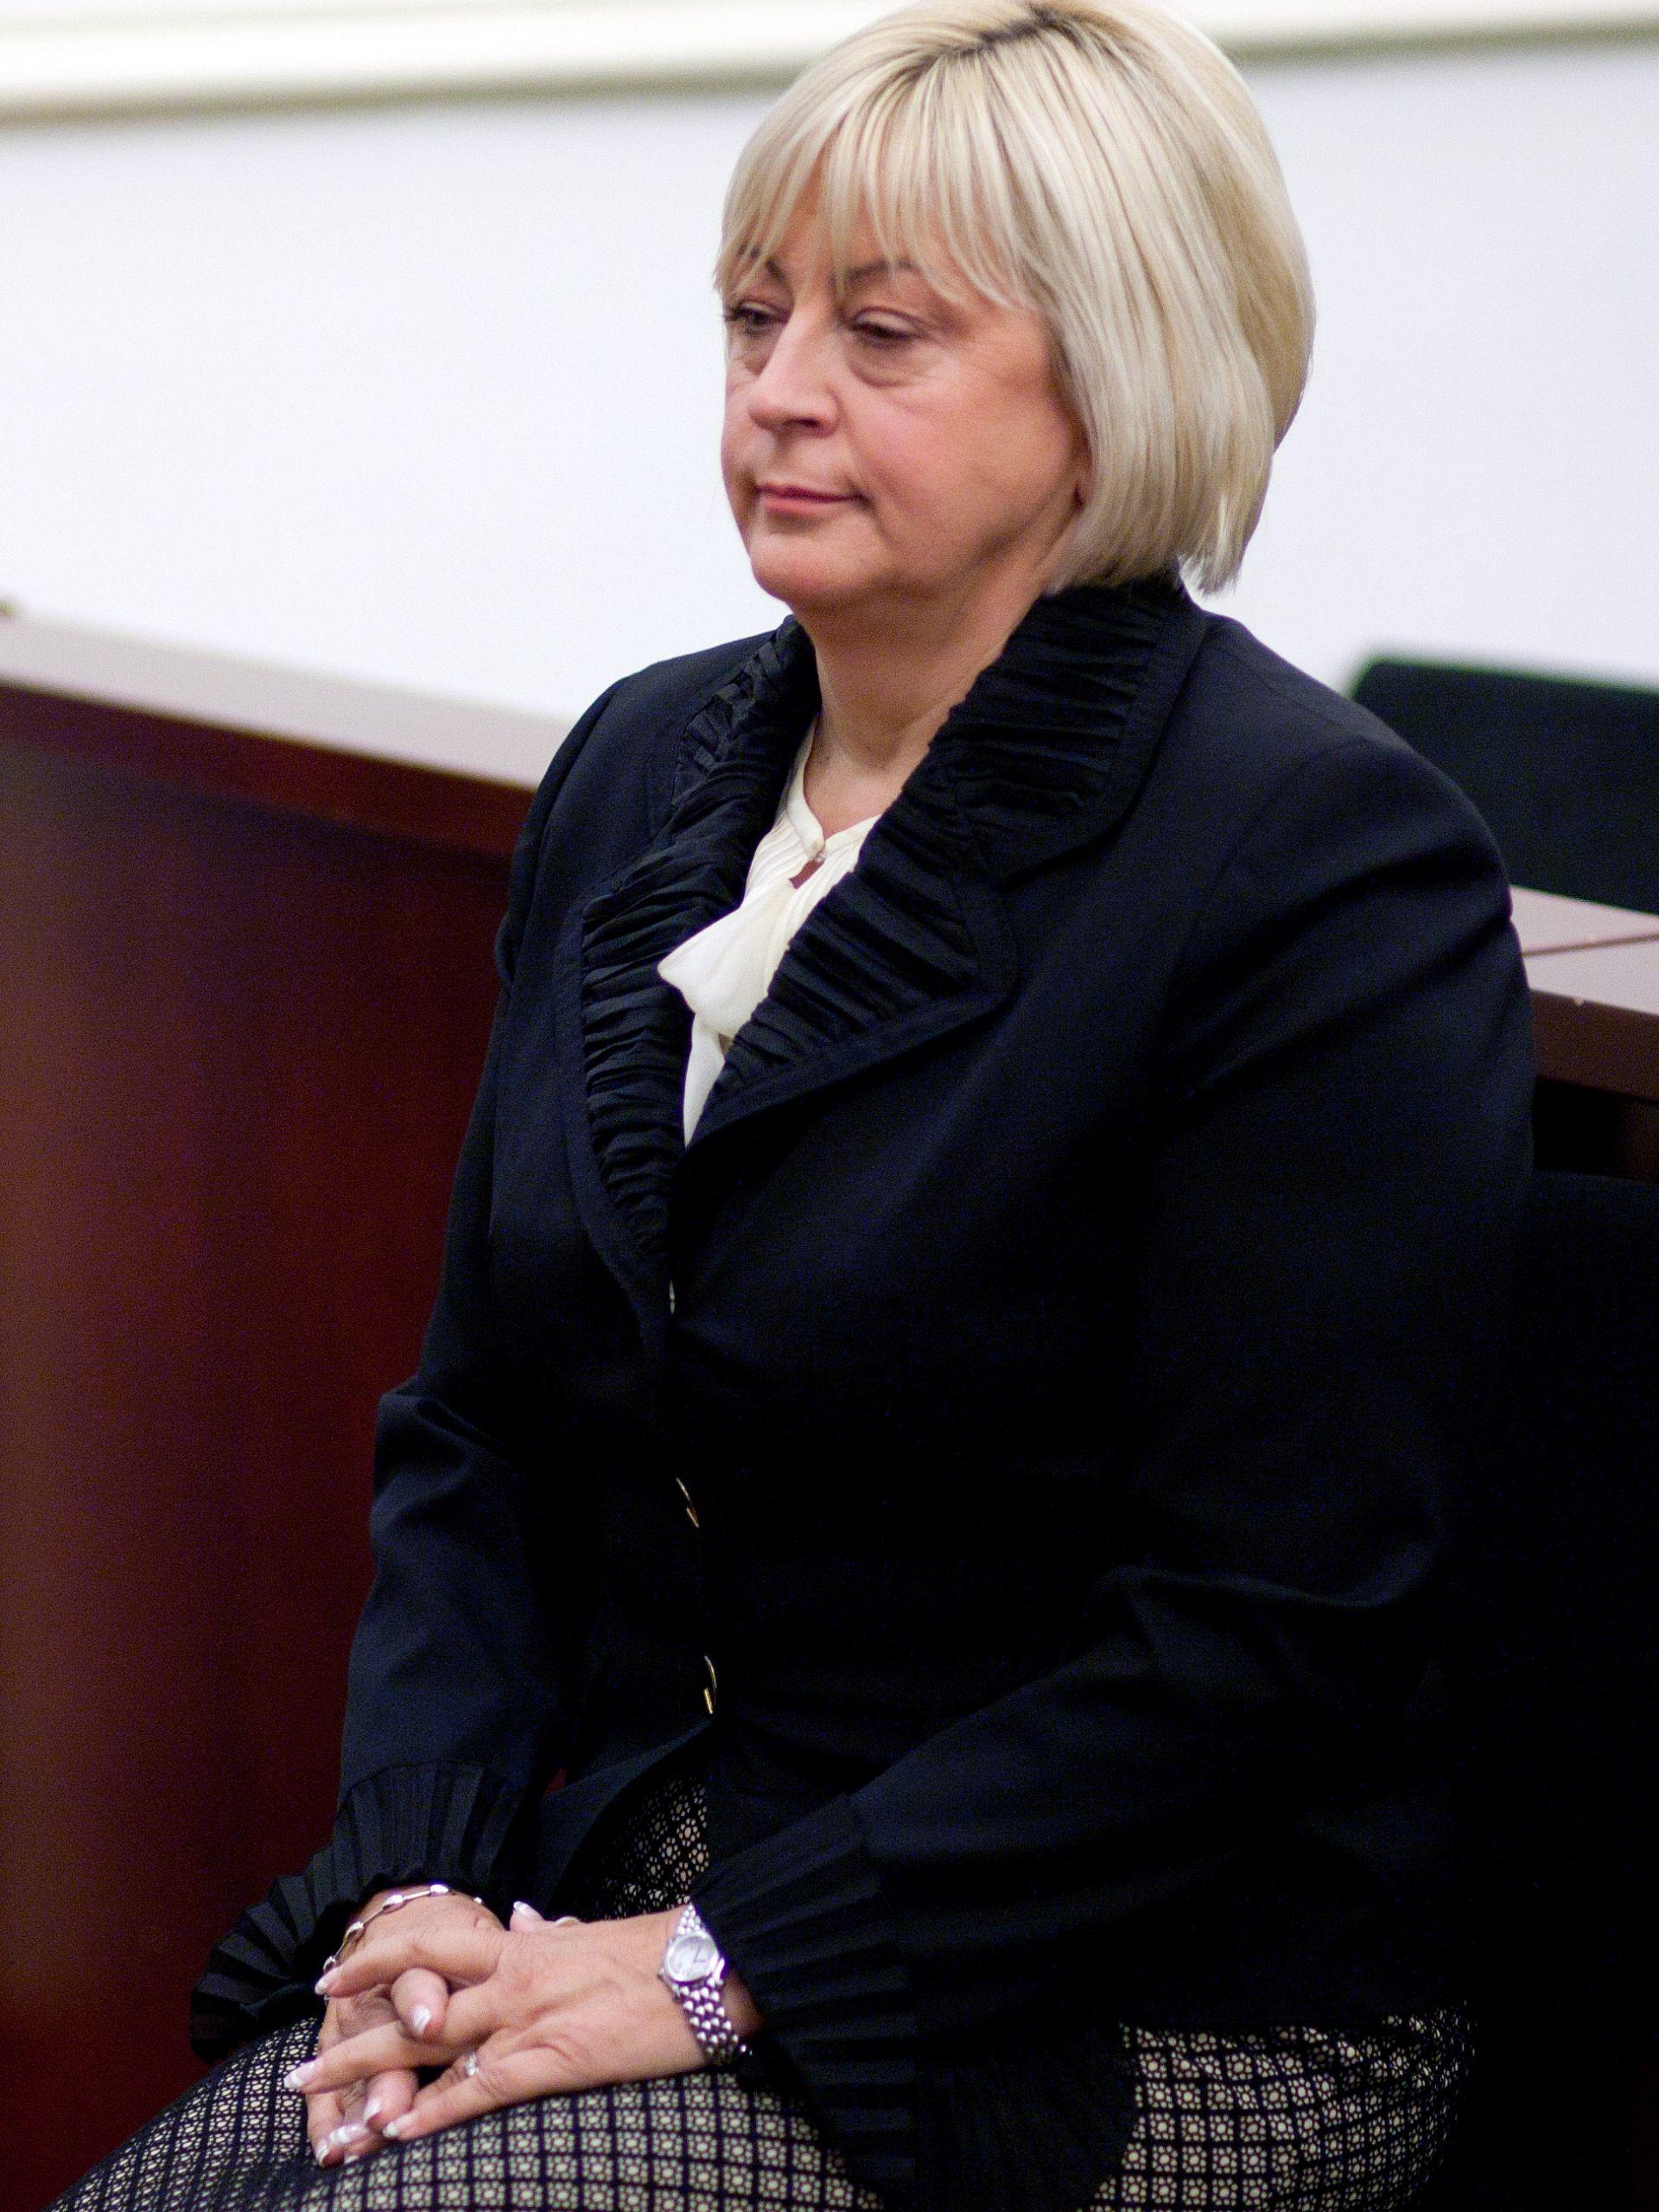 Sud vratio na doradu optužnicu protiv bivše ravnateljice Hrvatske lutrije zbog poslovanja s Fimi mediom